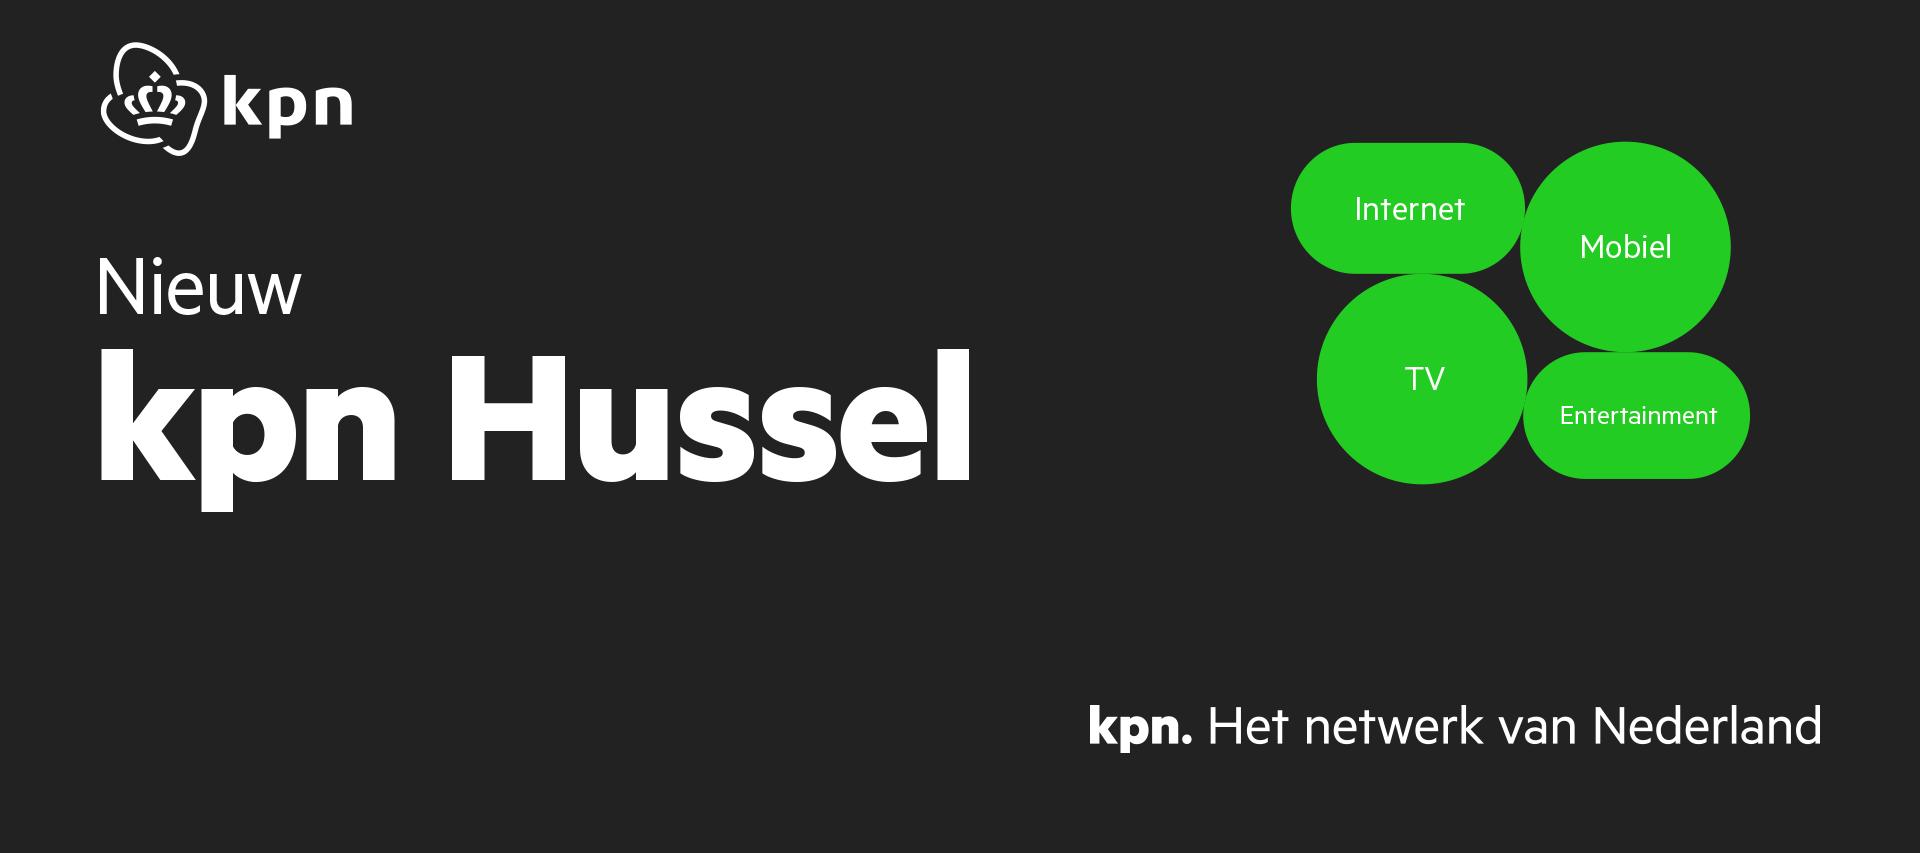 KPN introduceert KPN Hussel: Internet, mobiel, TV, entertainment en meer. Altijd op jouw manier.